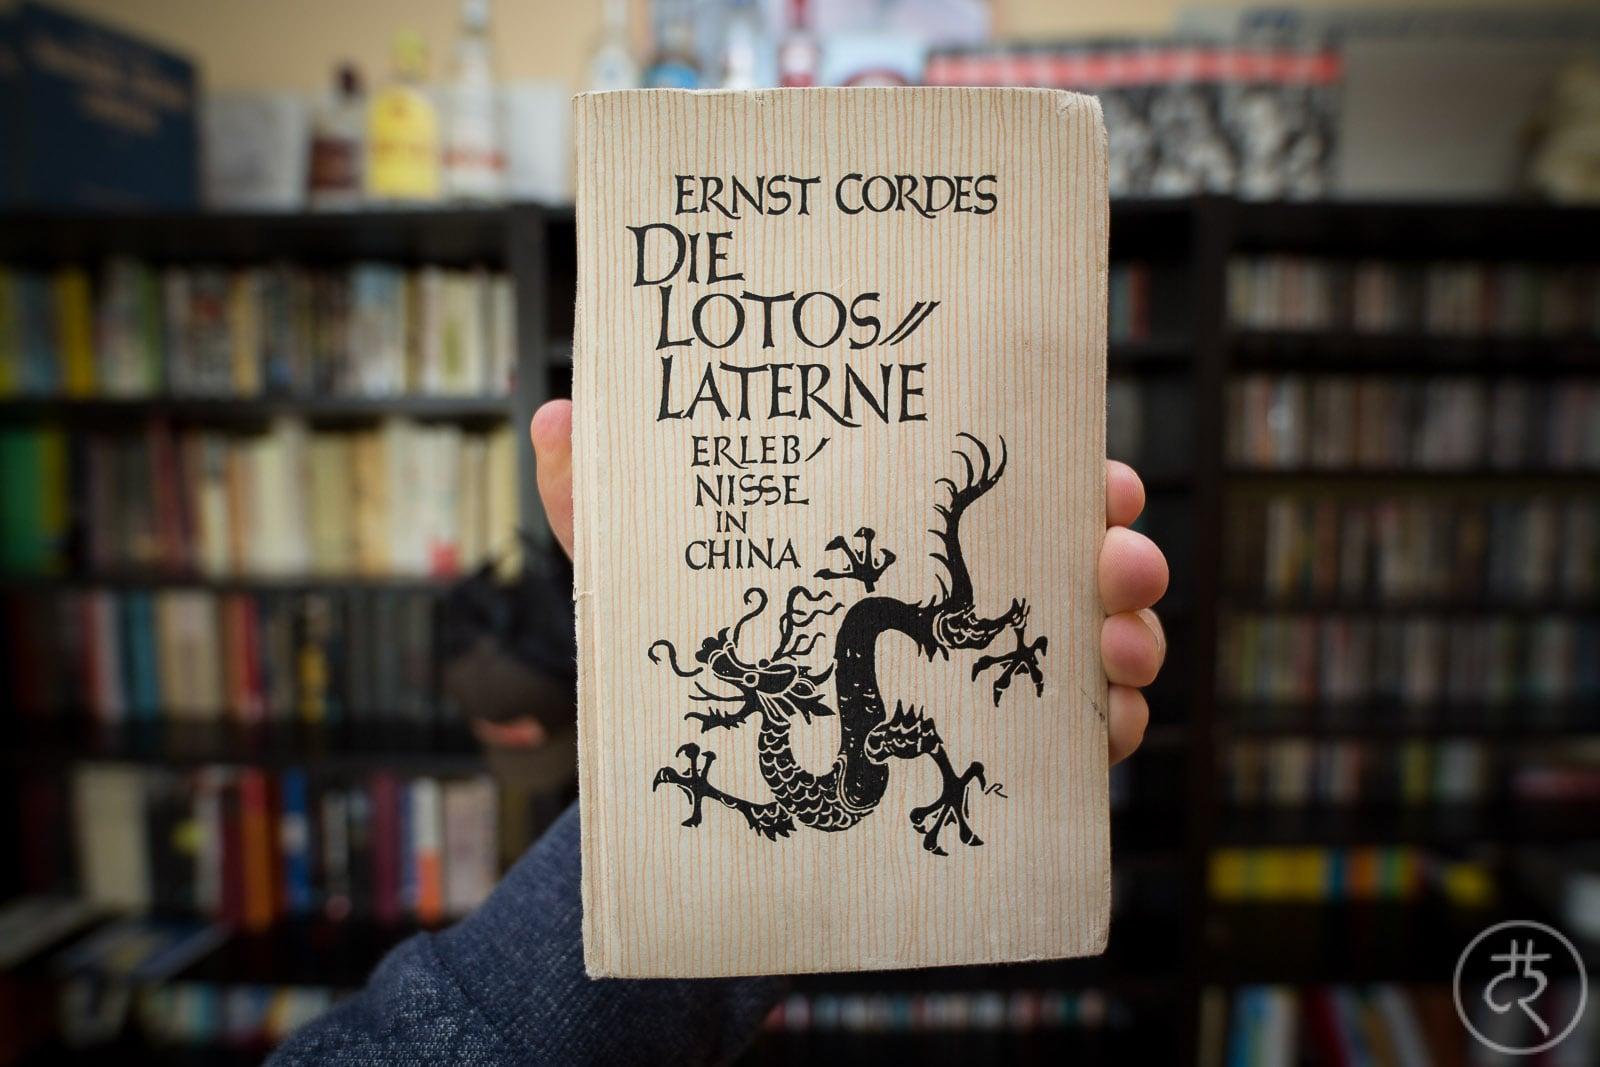 """Ernst Cordes' """"The Lotus Lantern"""""""